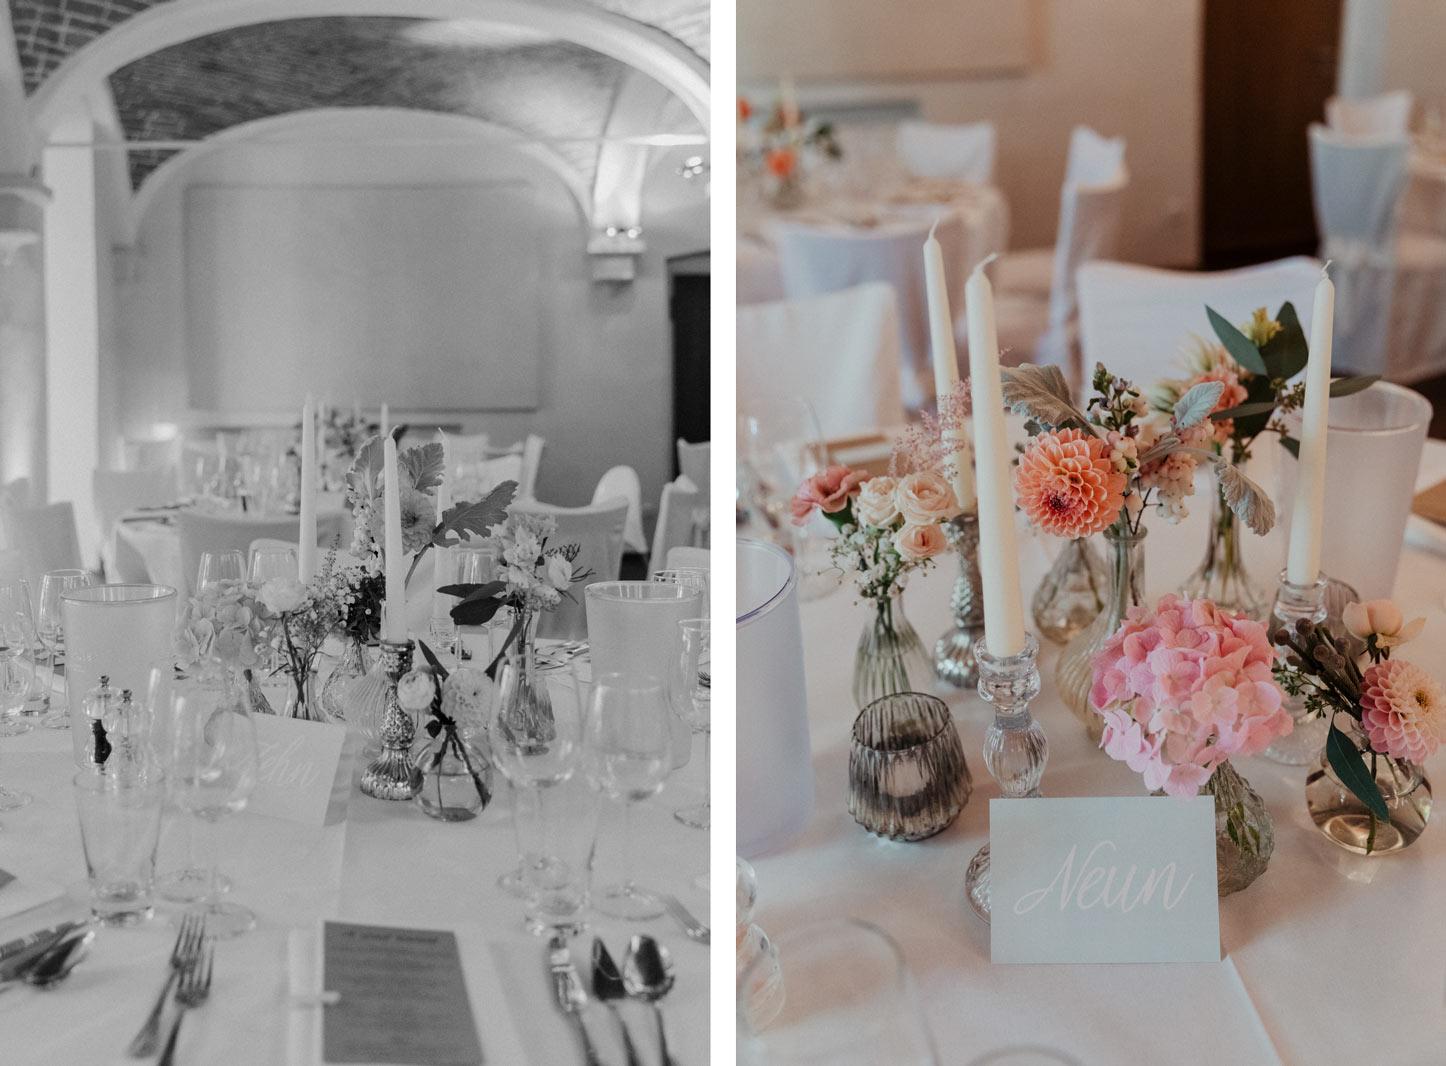 Tischdekoration, Hochzeitstisch